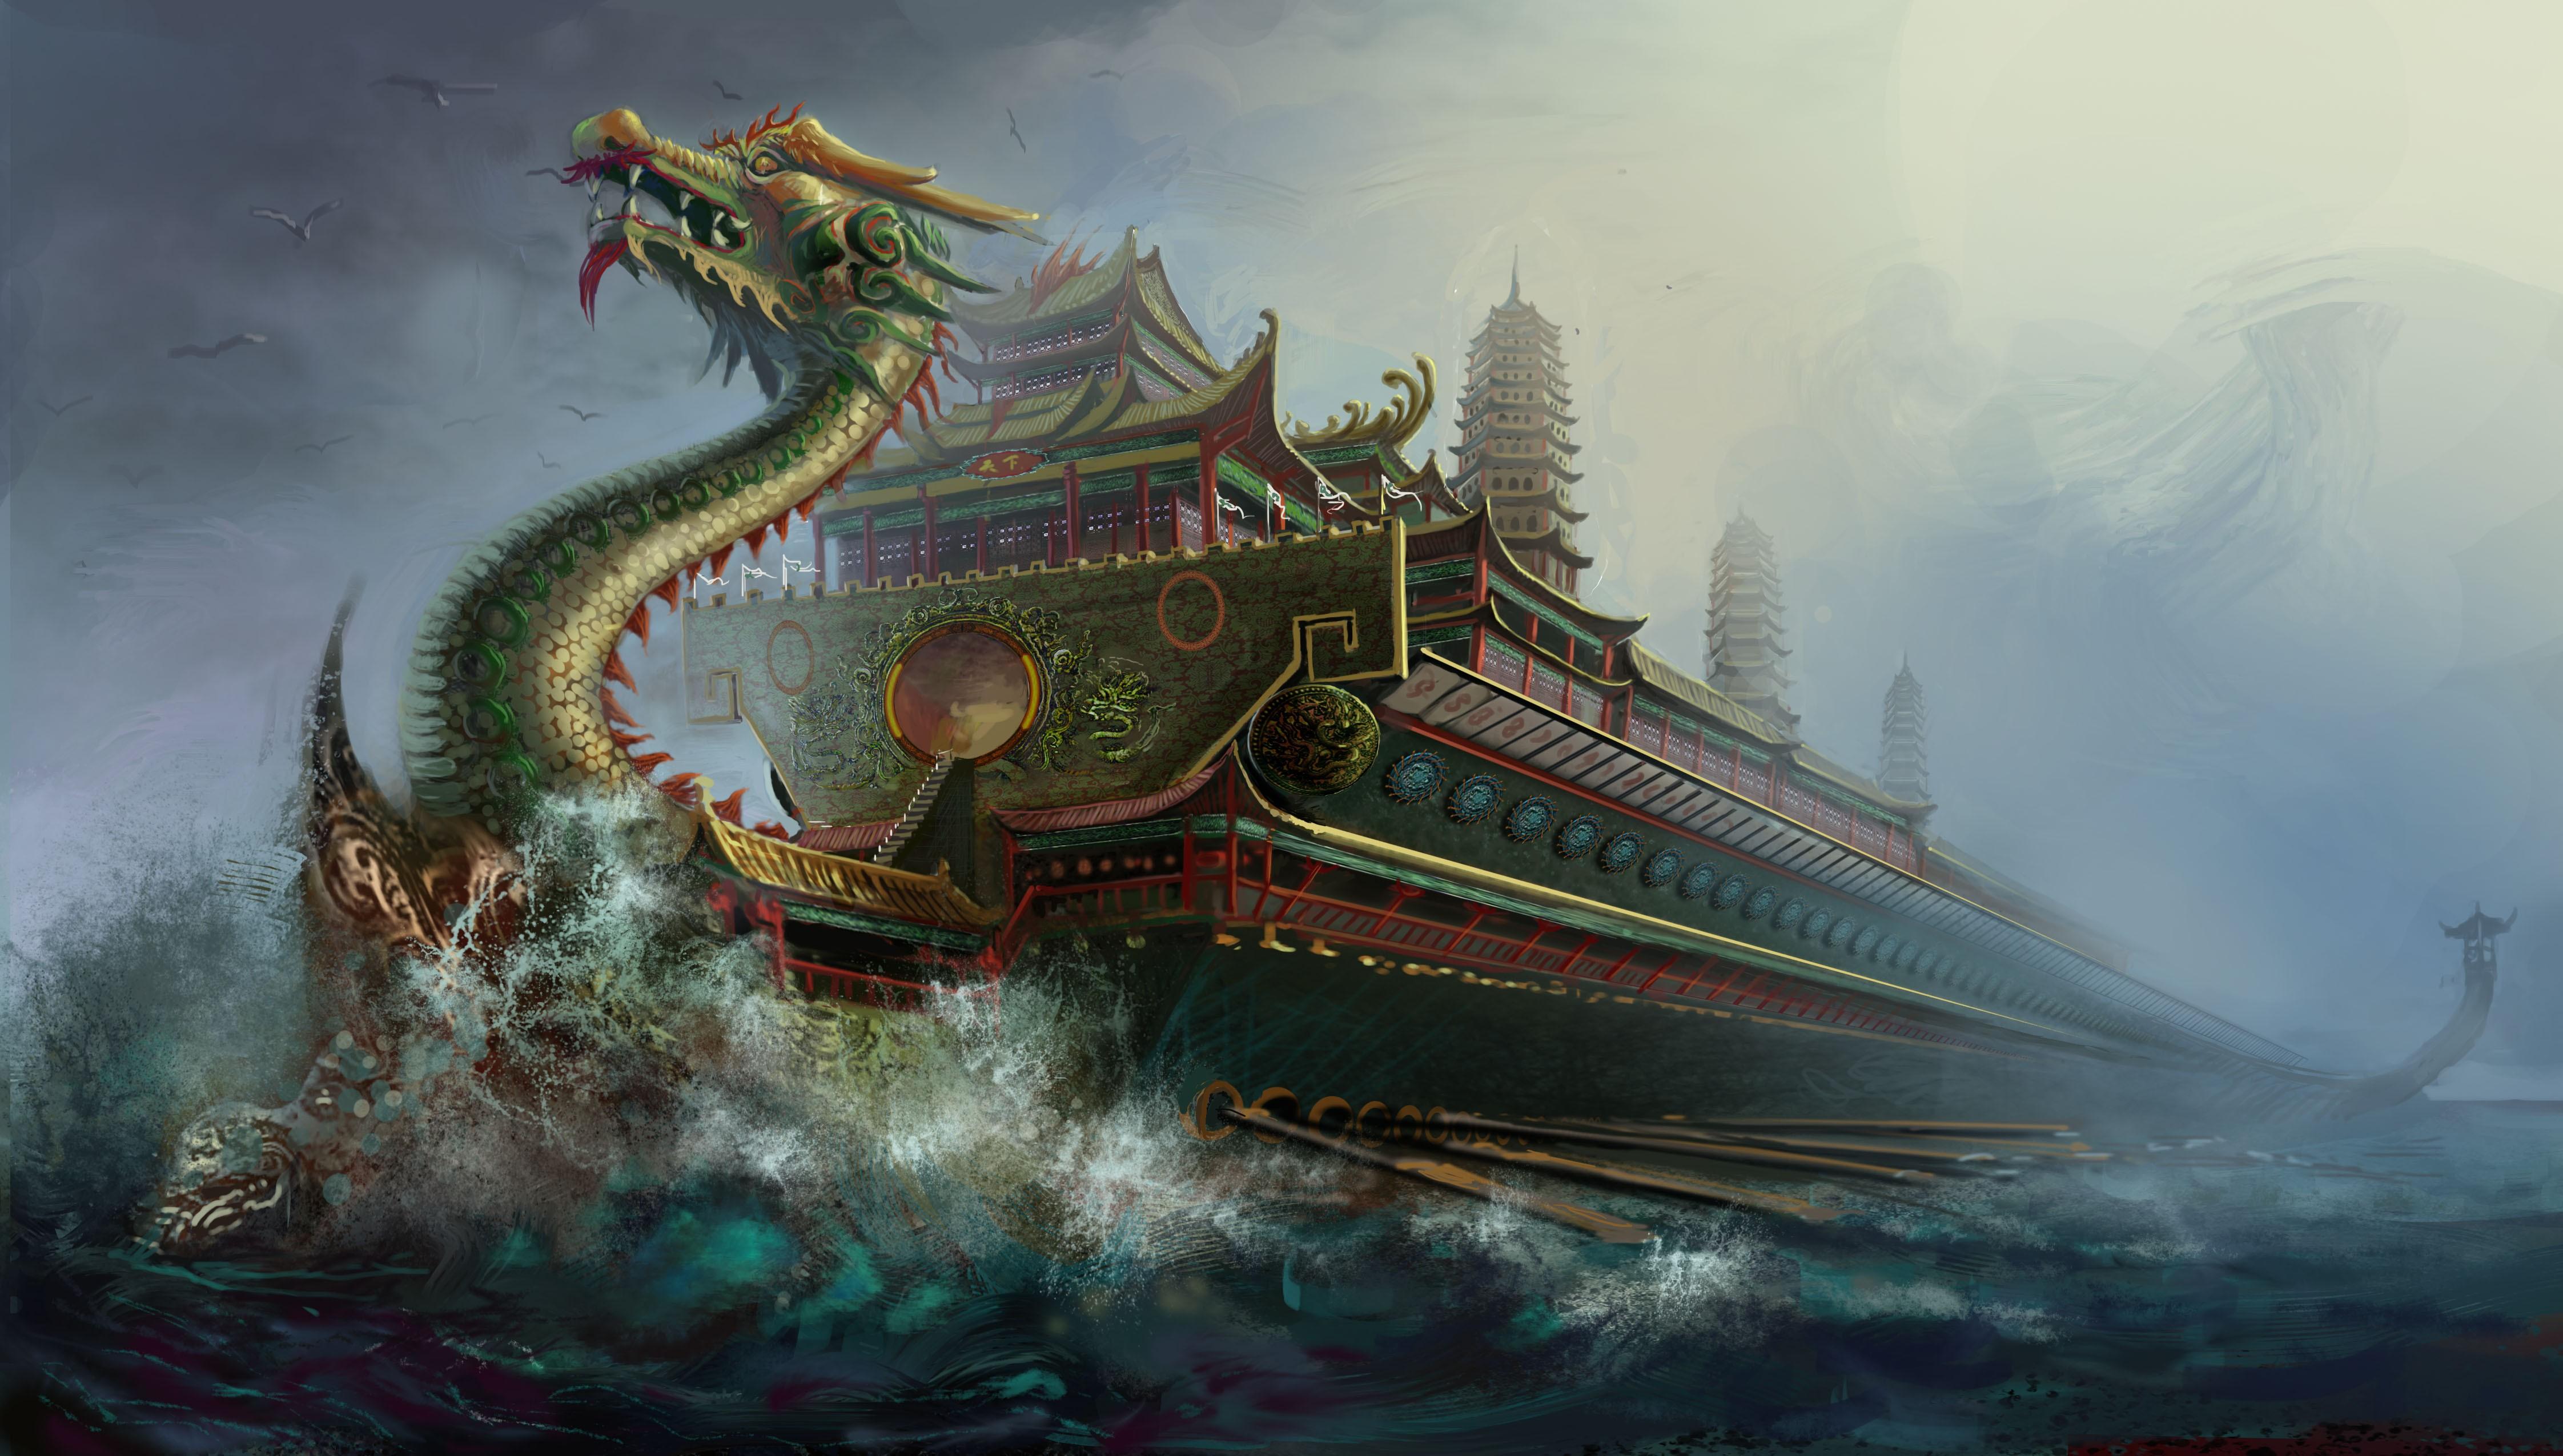 龙船怎么画步骤